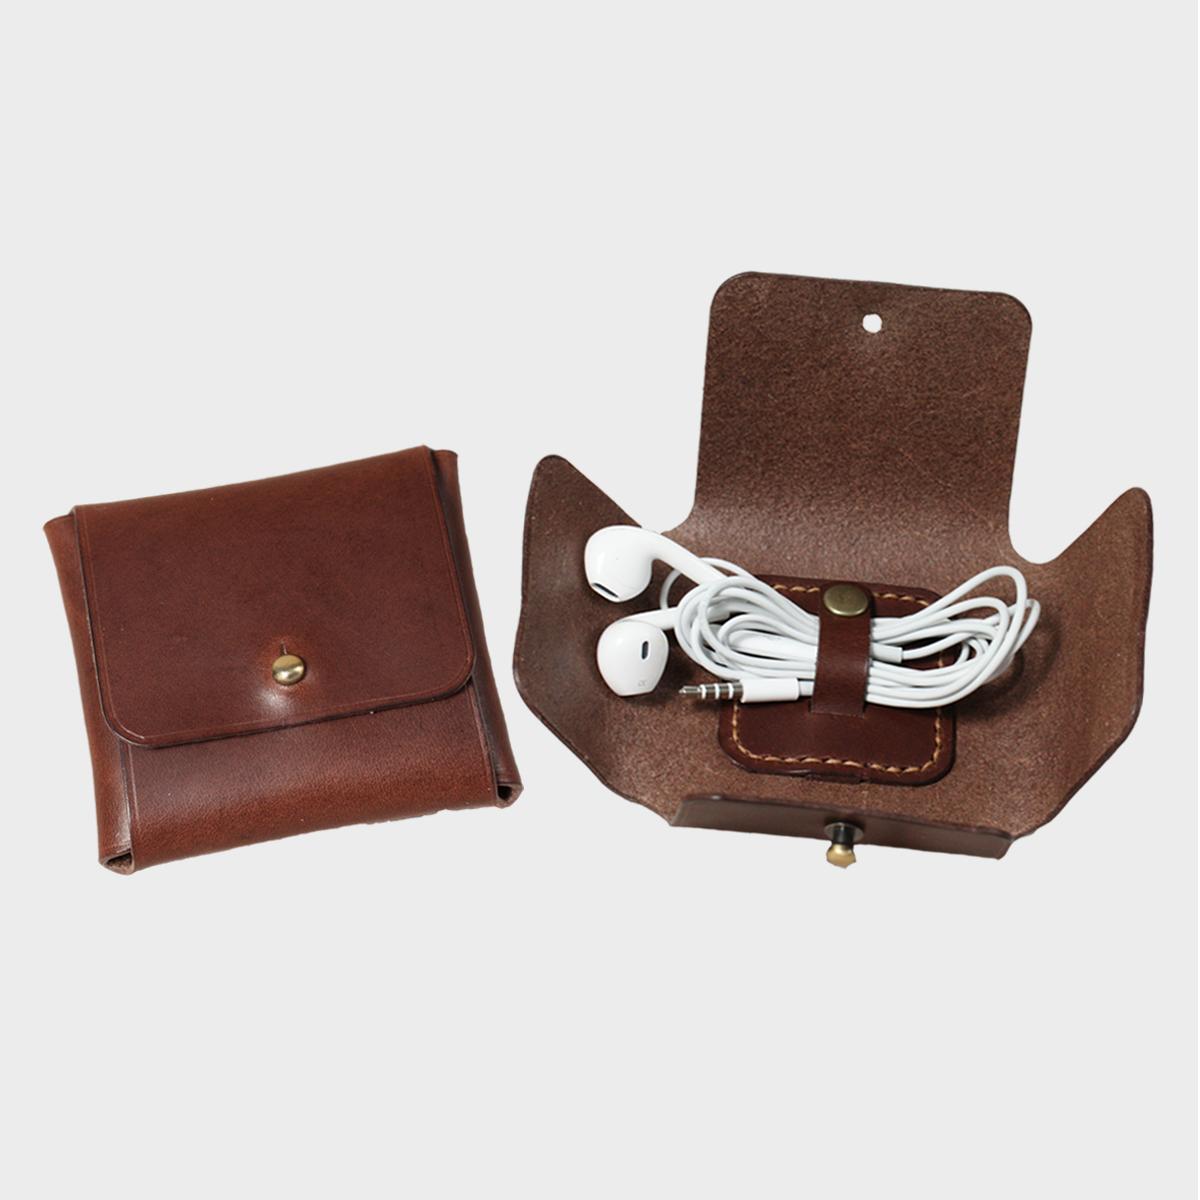 折疊耳機套 Headphone Case   NT$ 780  HDB3008